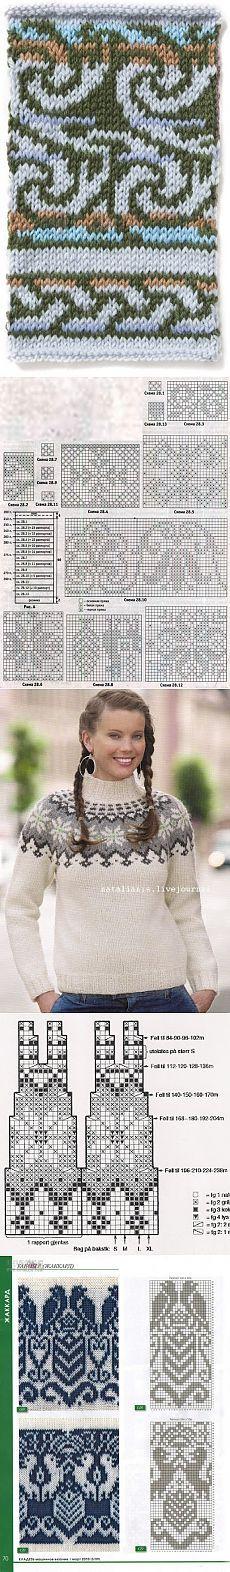 Жаккард (спицами) Fair Isle Knitting Patterns, Fair Isle Pattern, Knitting Charts, Knitting Stitches, Knitting Designs, Knit Patterns, Knitting Projects, Hand Knitting, Crochet Cross